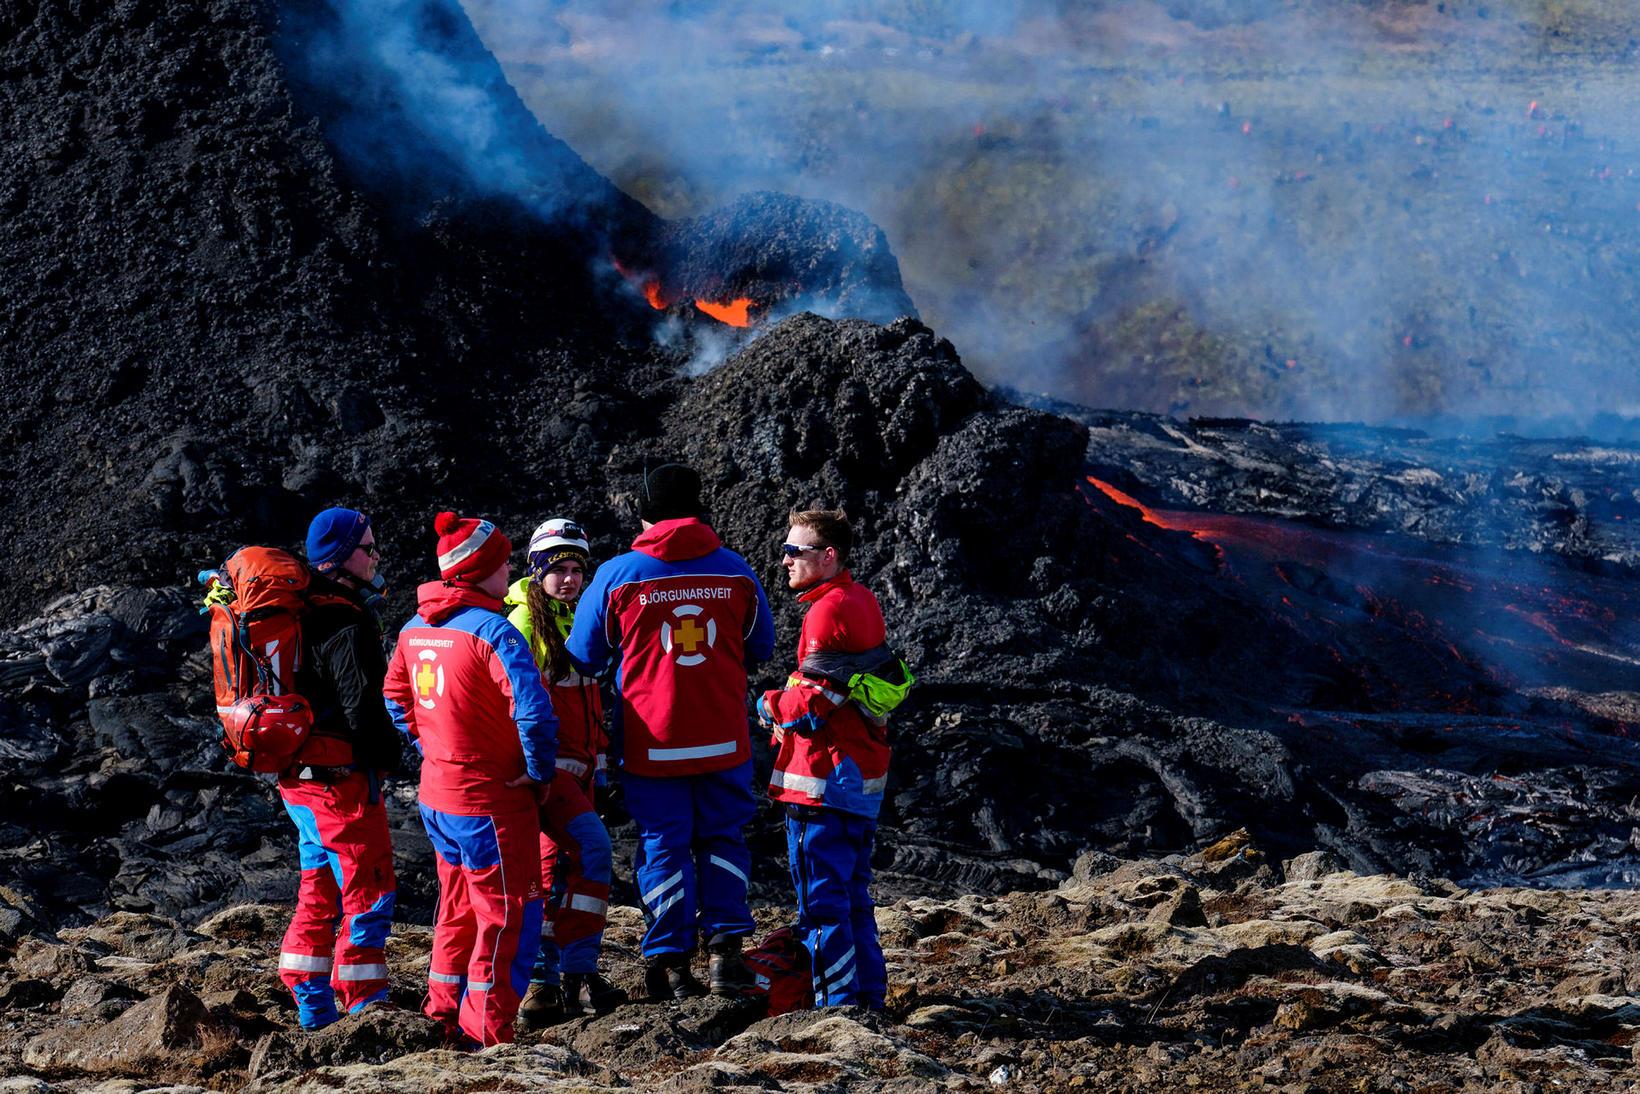 Björgunarsveitarfólk hefur staðið vaktina við gosstöðvarnar á Reykjanesi allt frá …